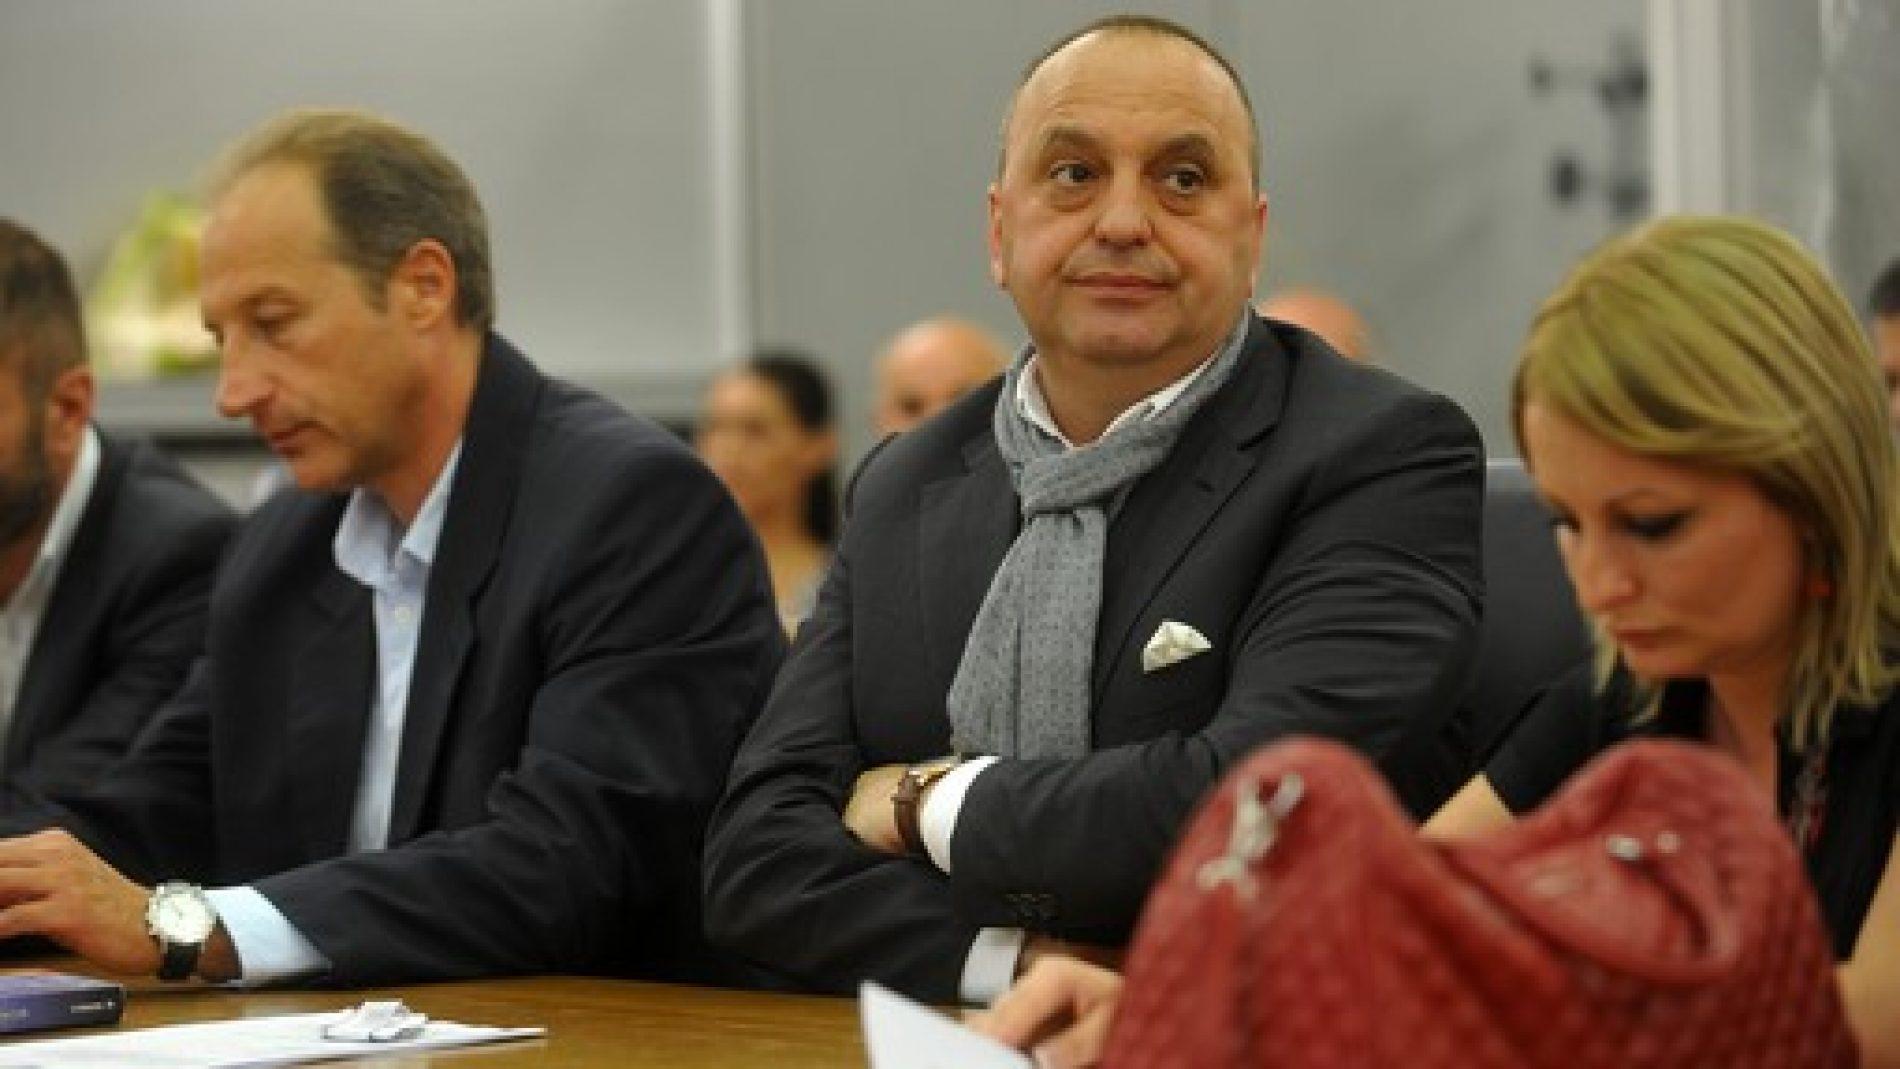 Pas pesë viteve, lirohet nga burgu Lube Boshkoski